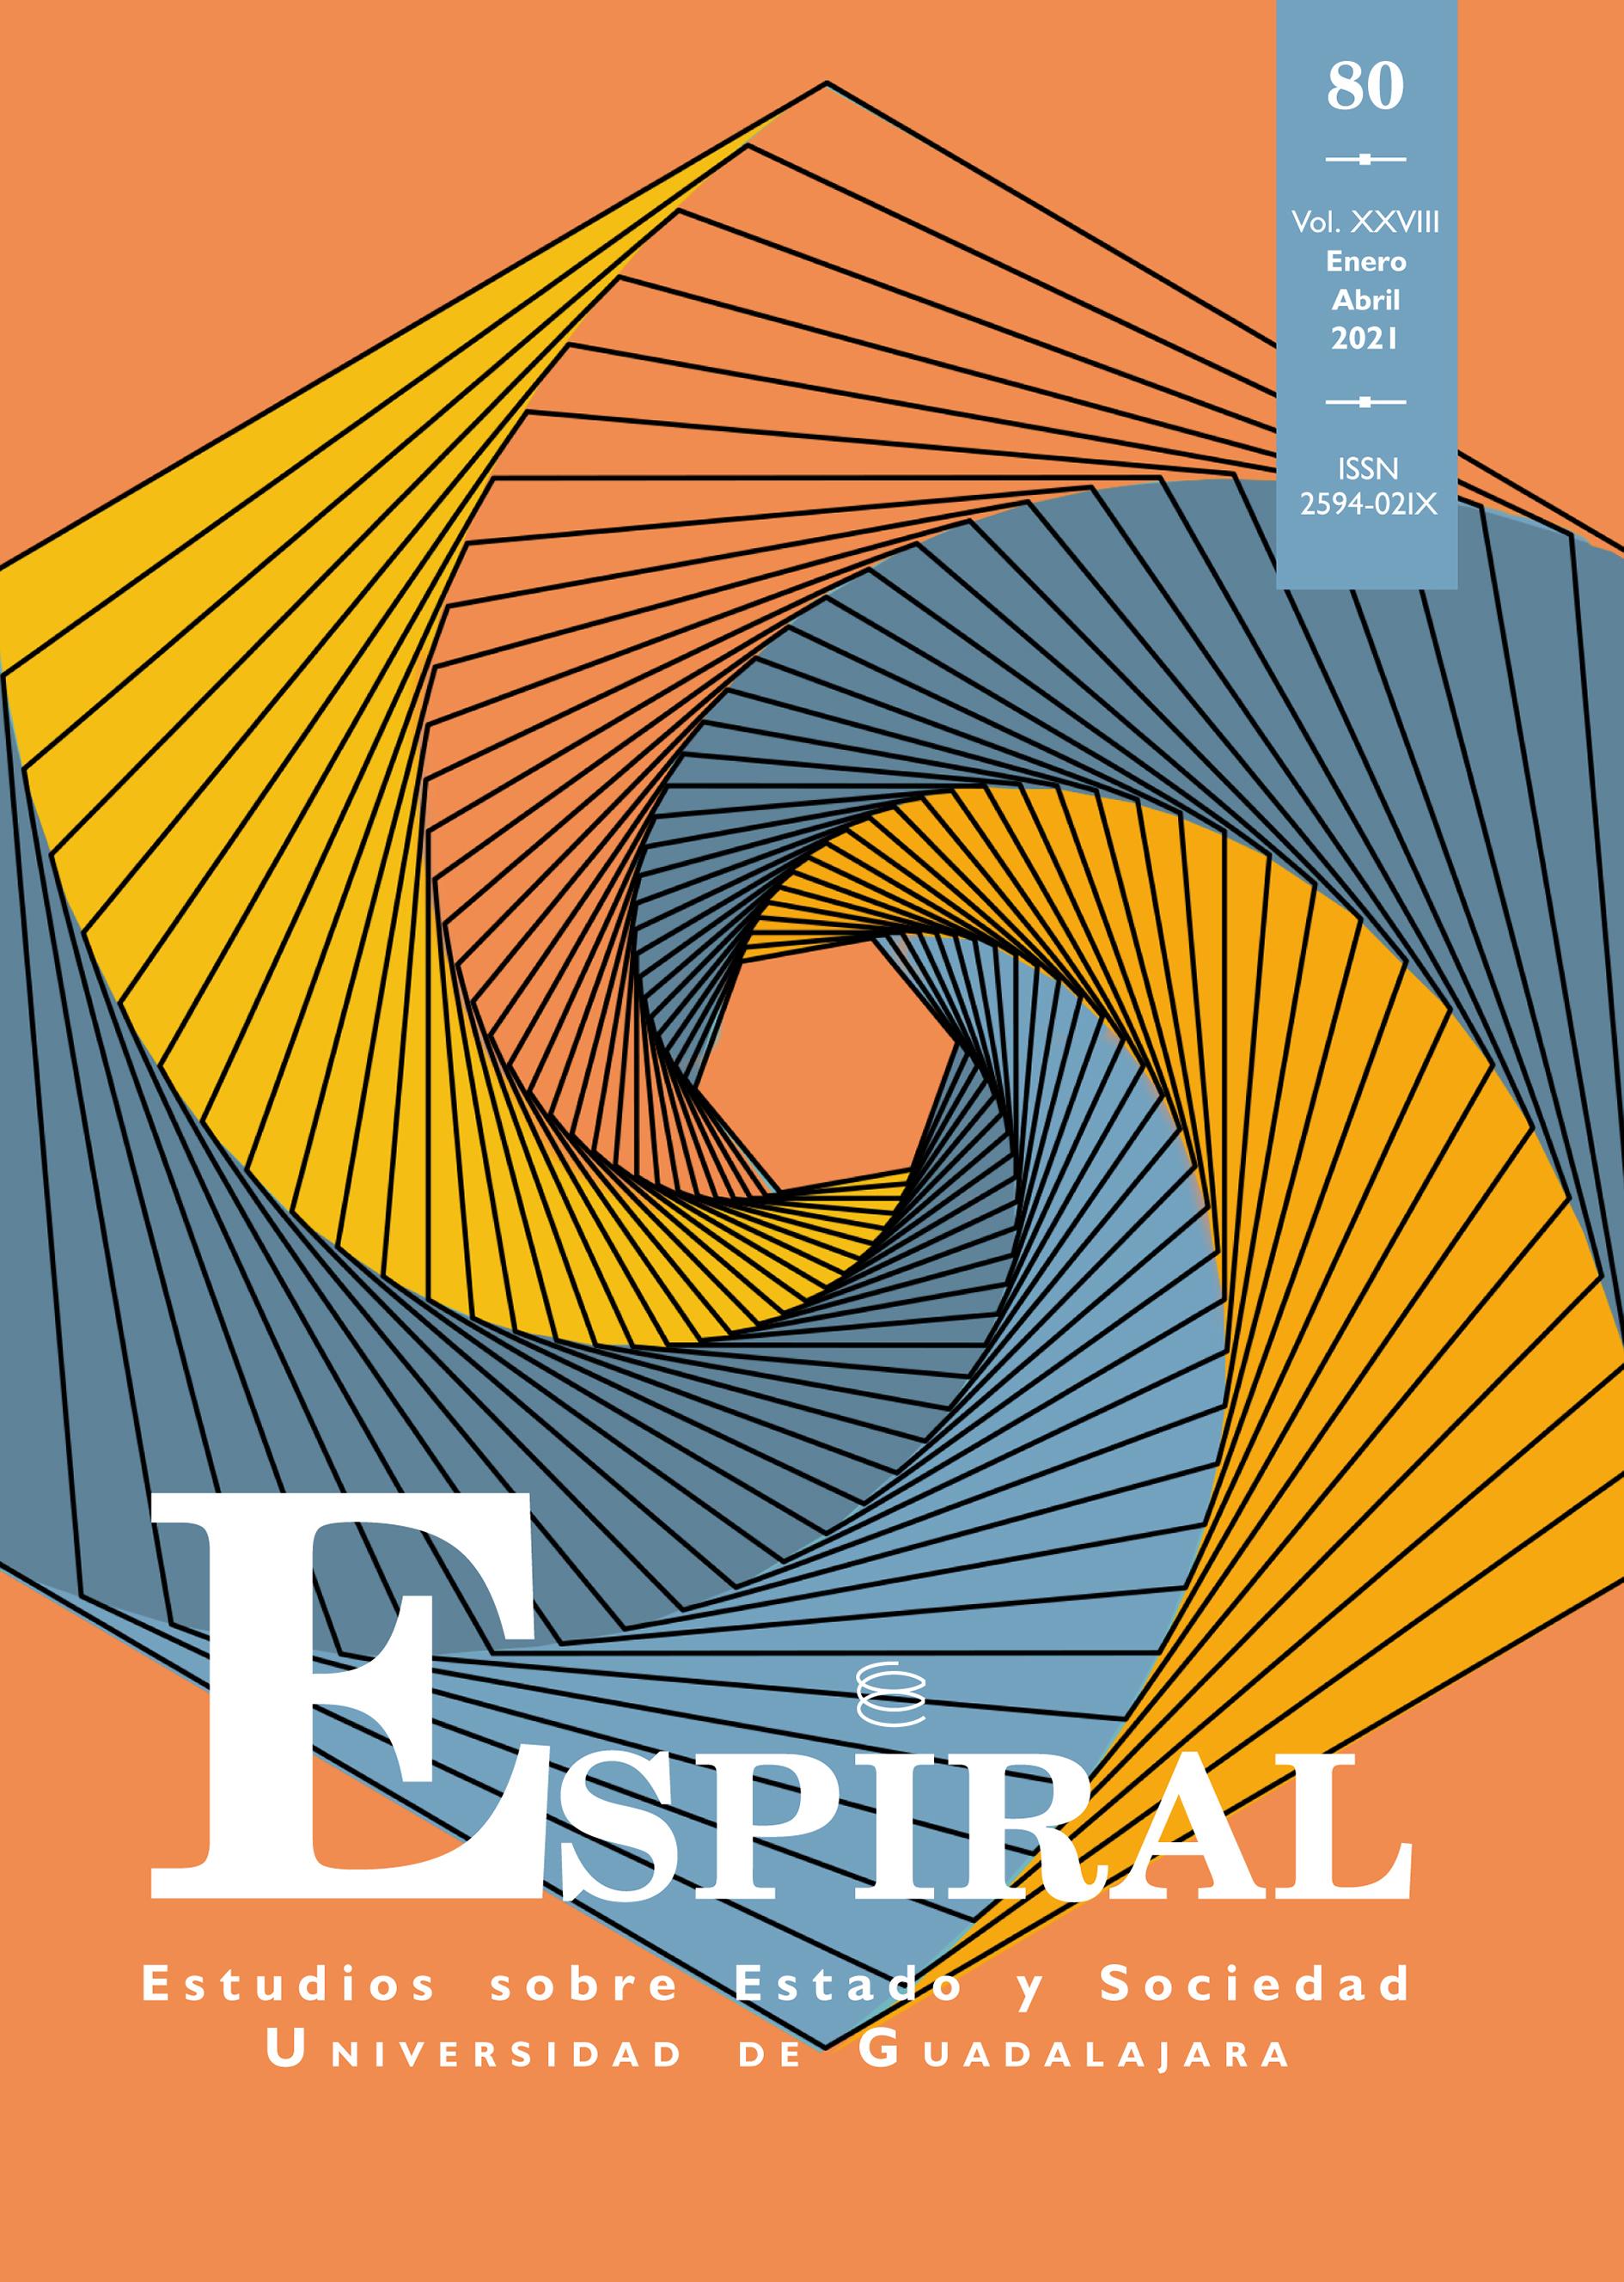 Ver Vol. 28 Núm. 80 (2021): Espiral 80 (enero-abril 2021)